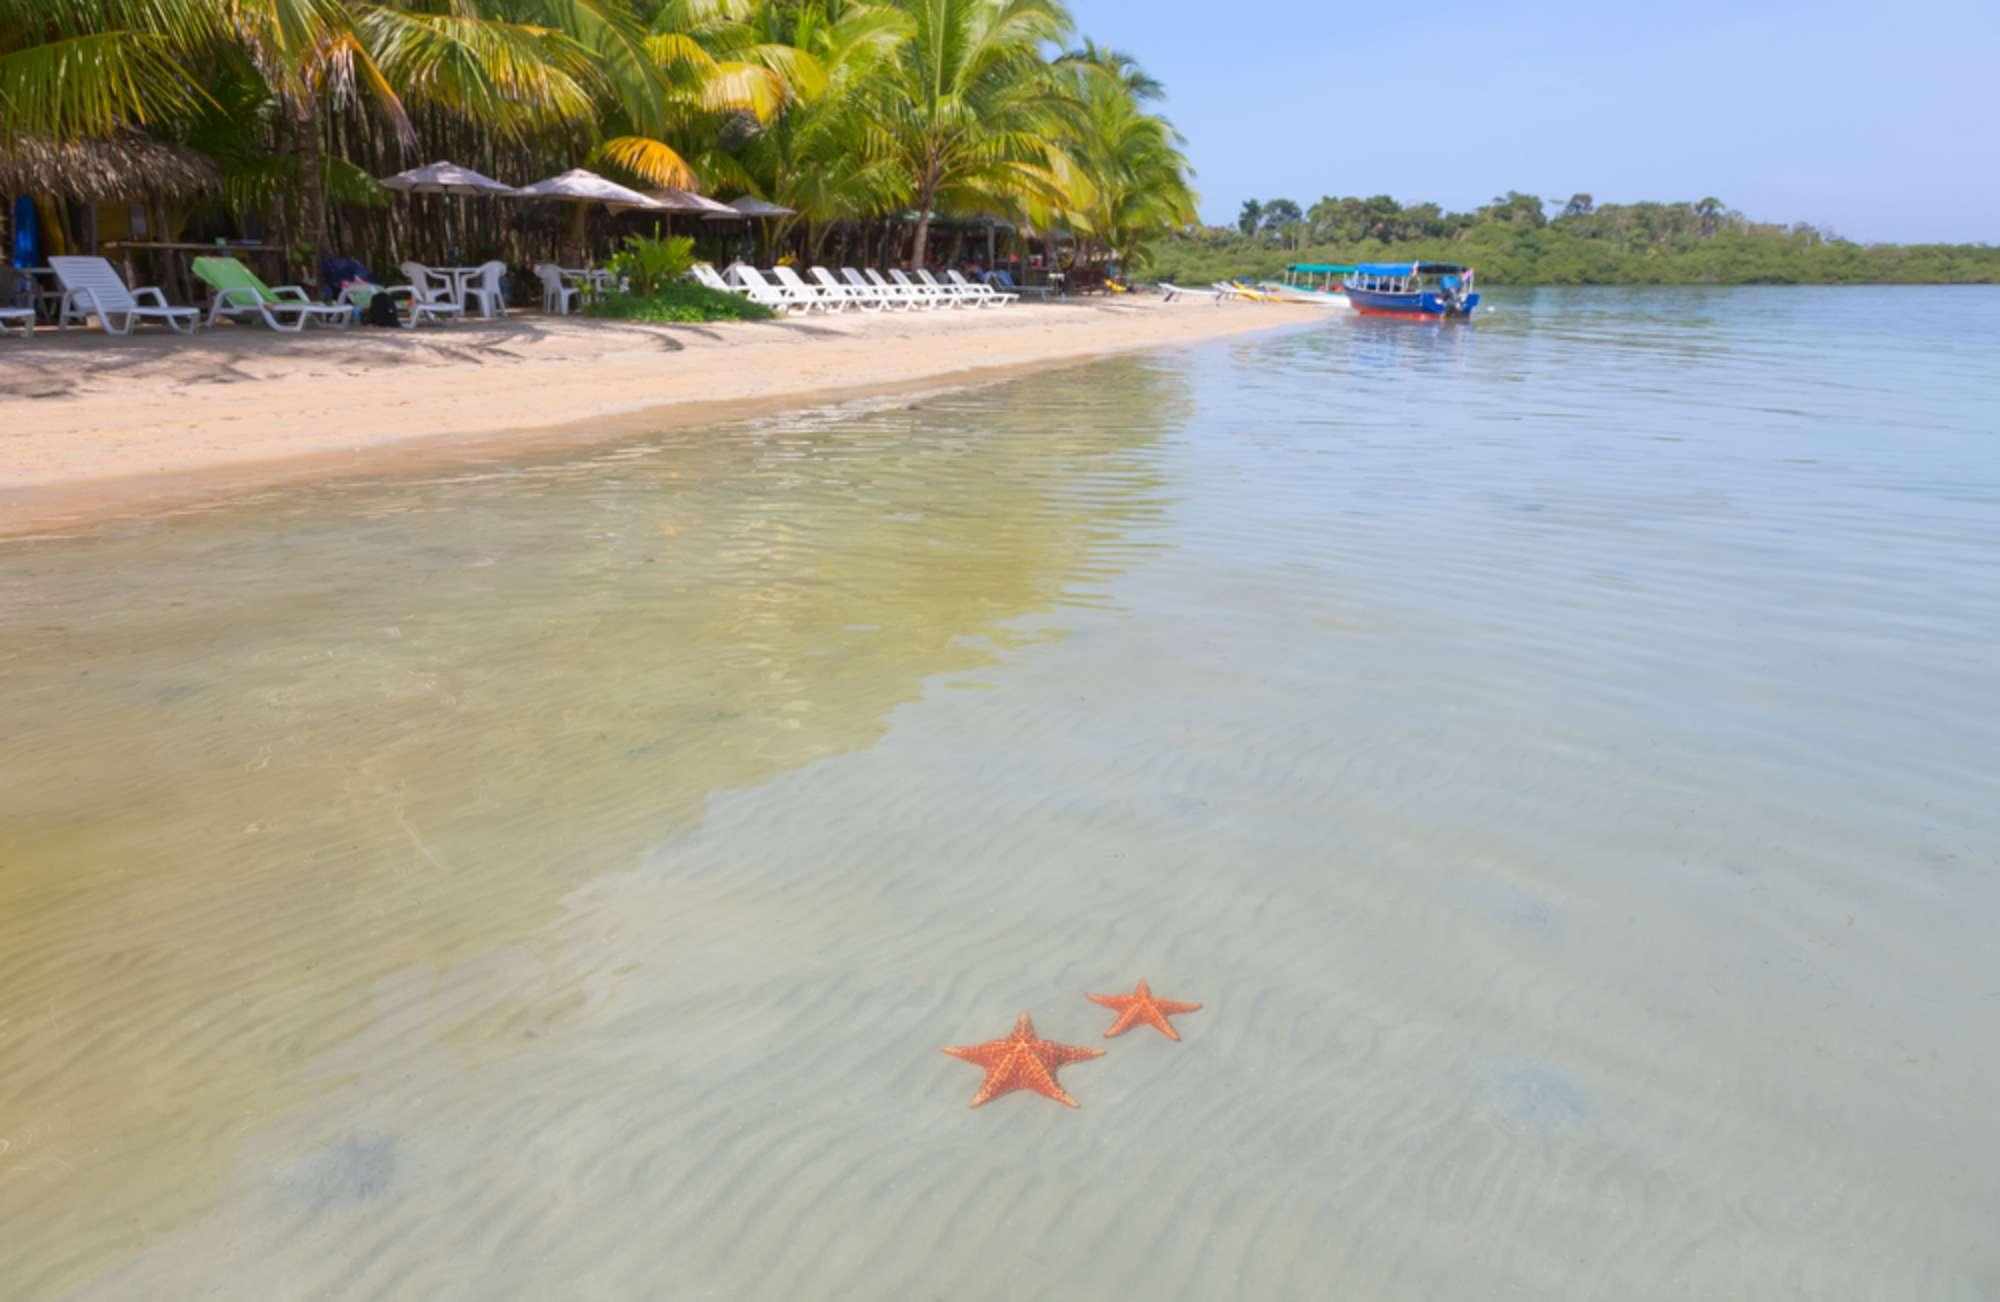 L acqua dalle mille sfumature del turchese di Bocas del Toro 6decb9247aff